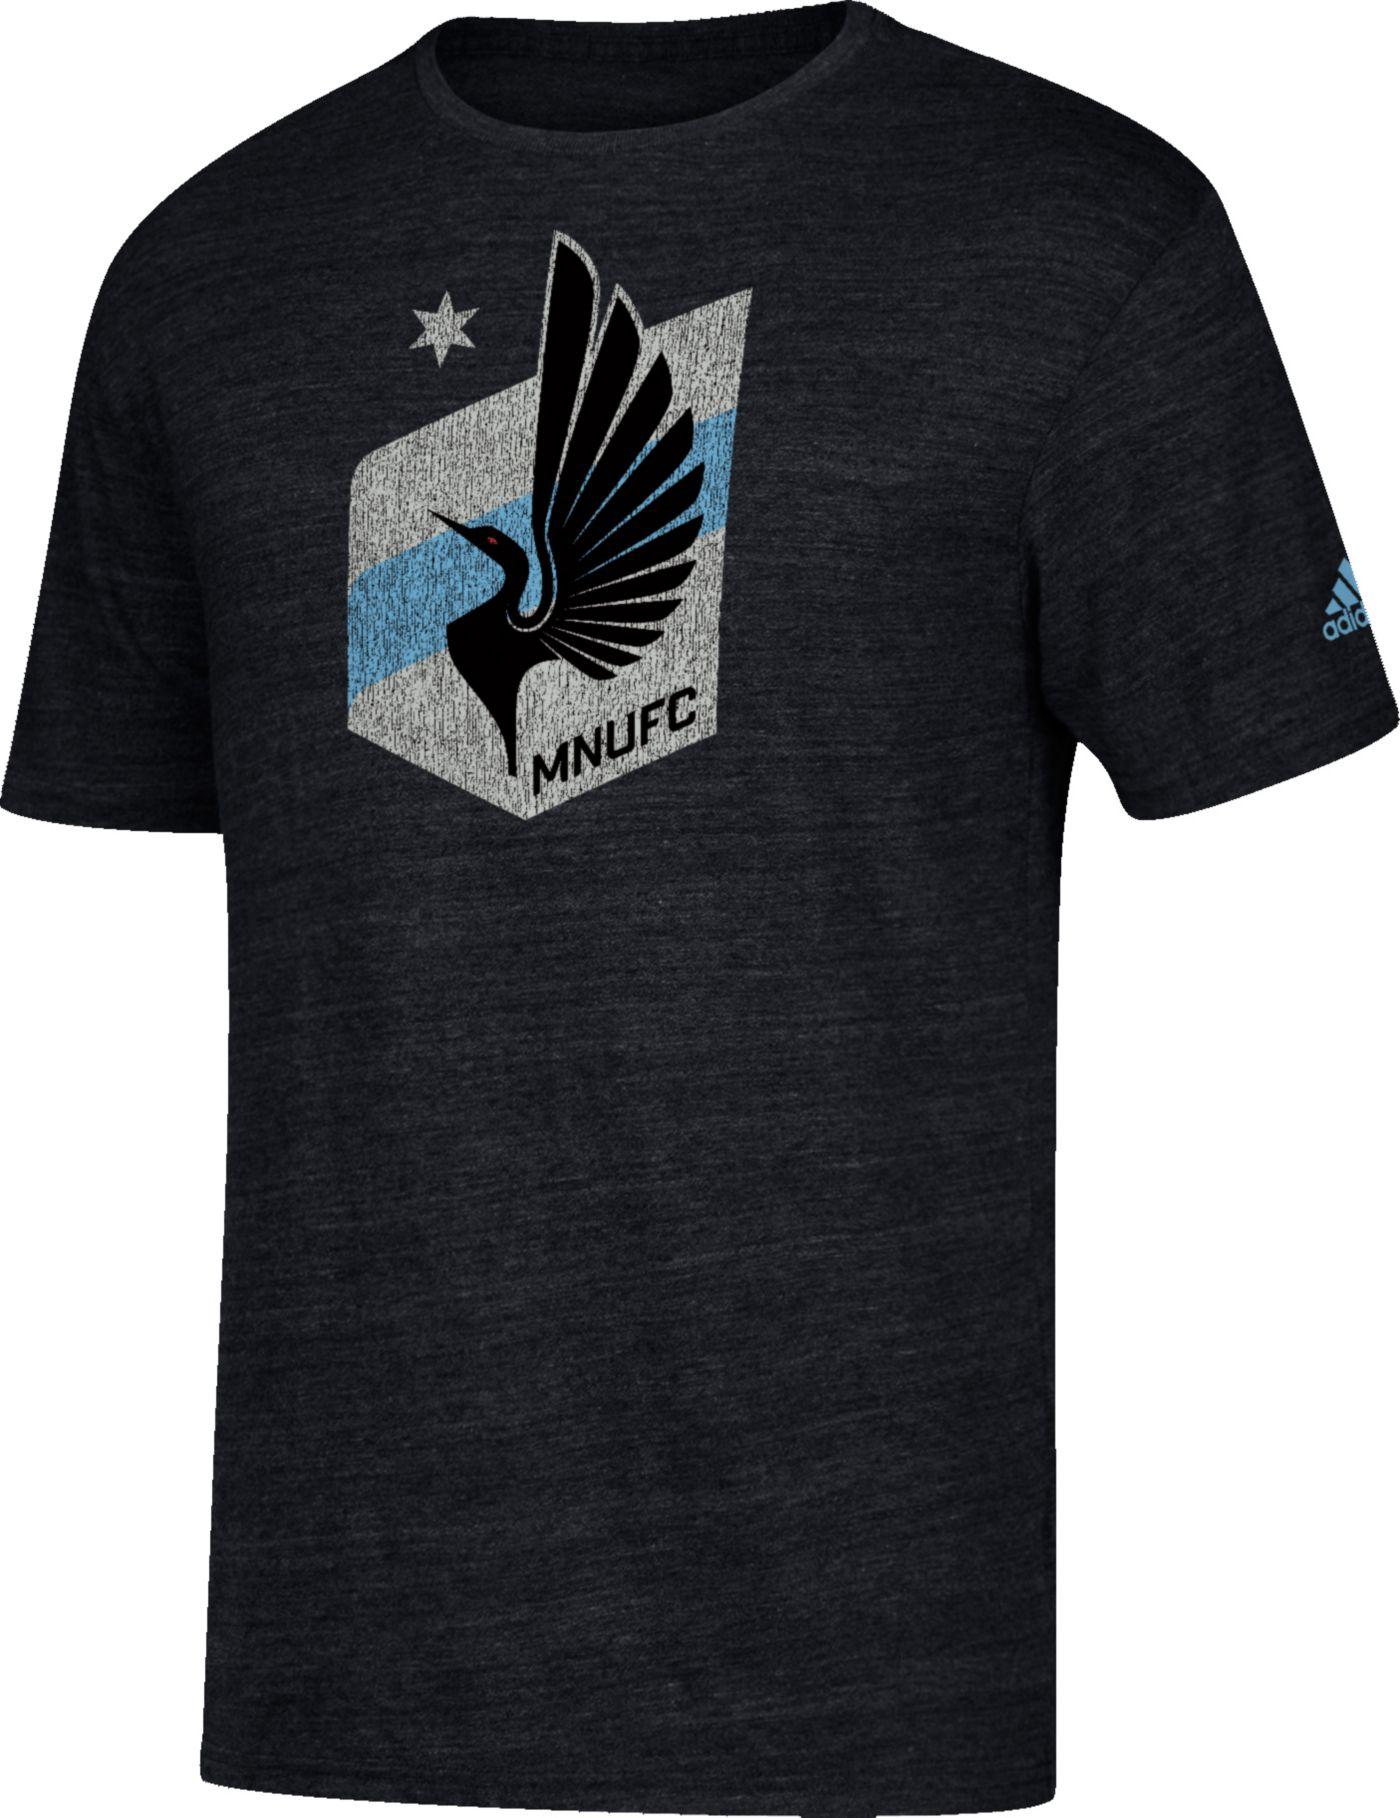 adidas Men's Minnesota United FC Vintage Too Heathered Black T-Shirt